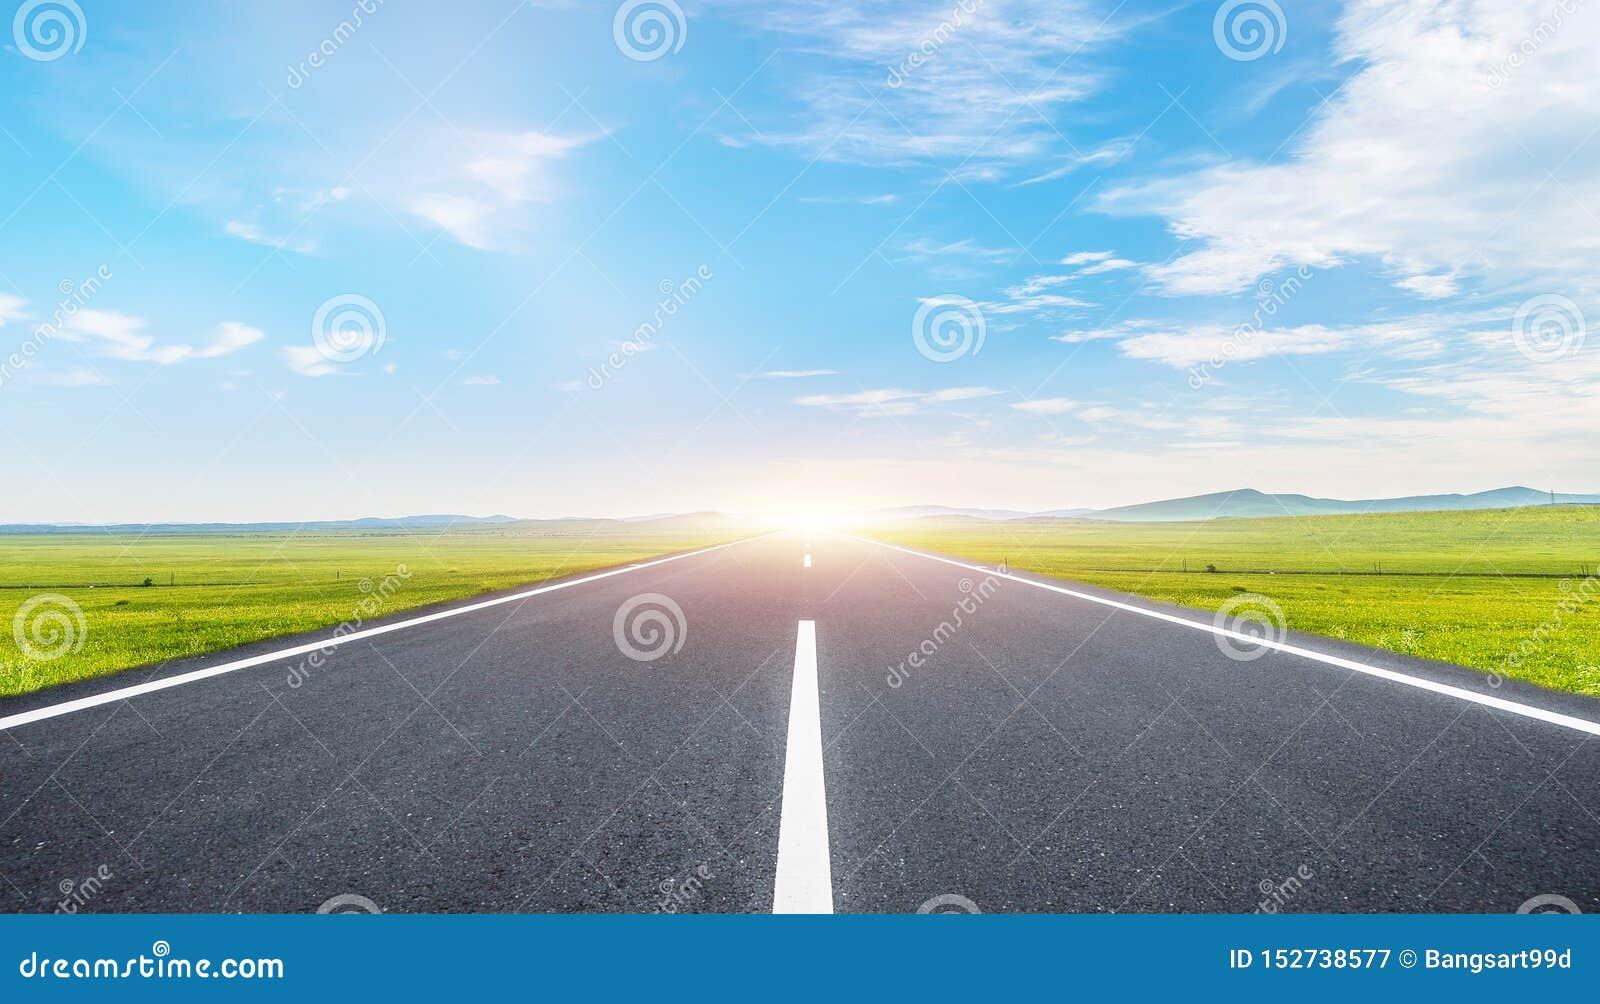 Предпосылка дороги и неба